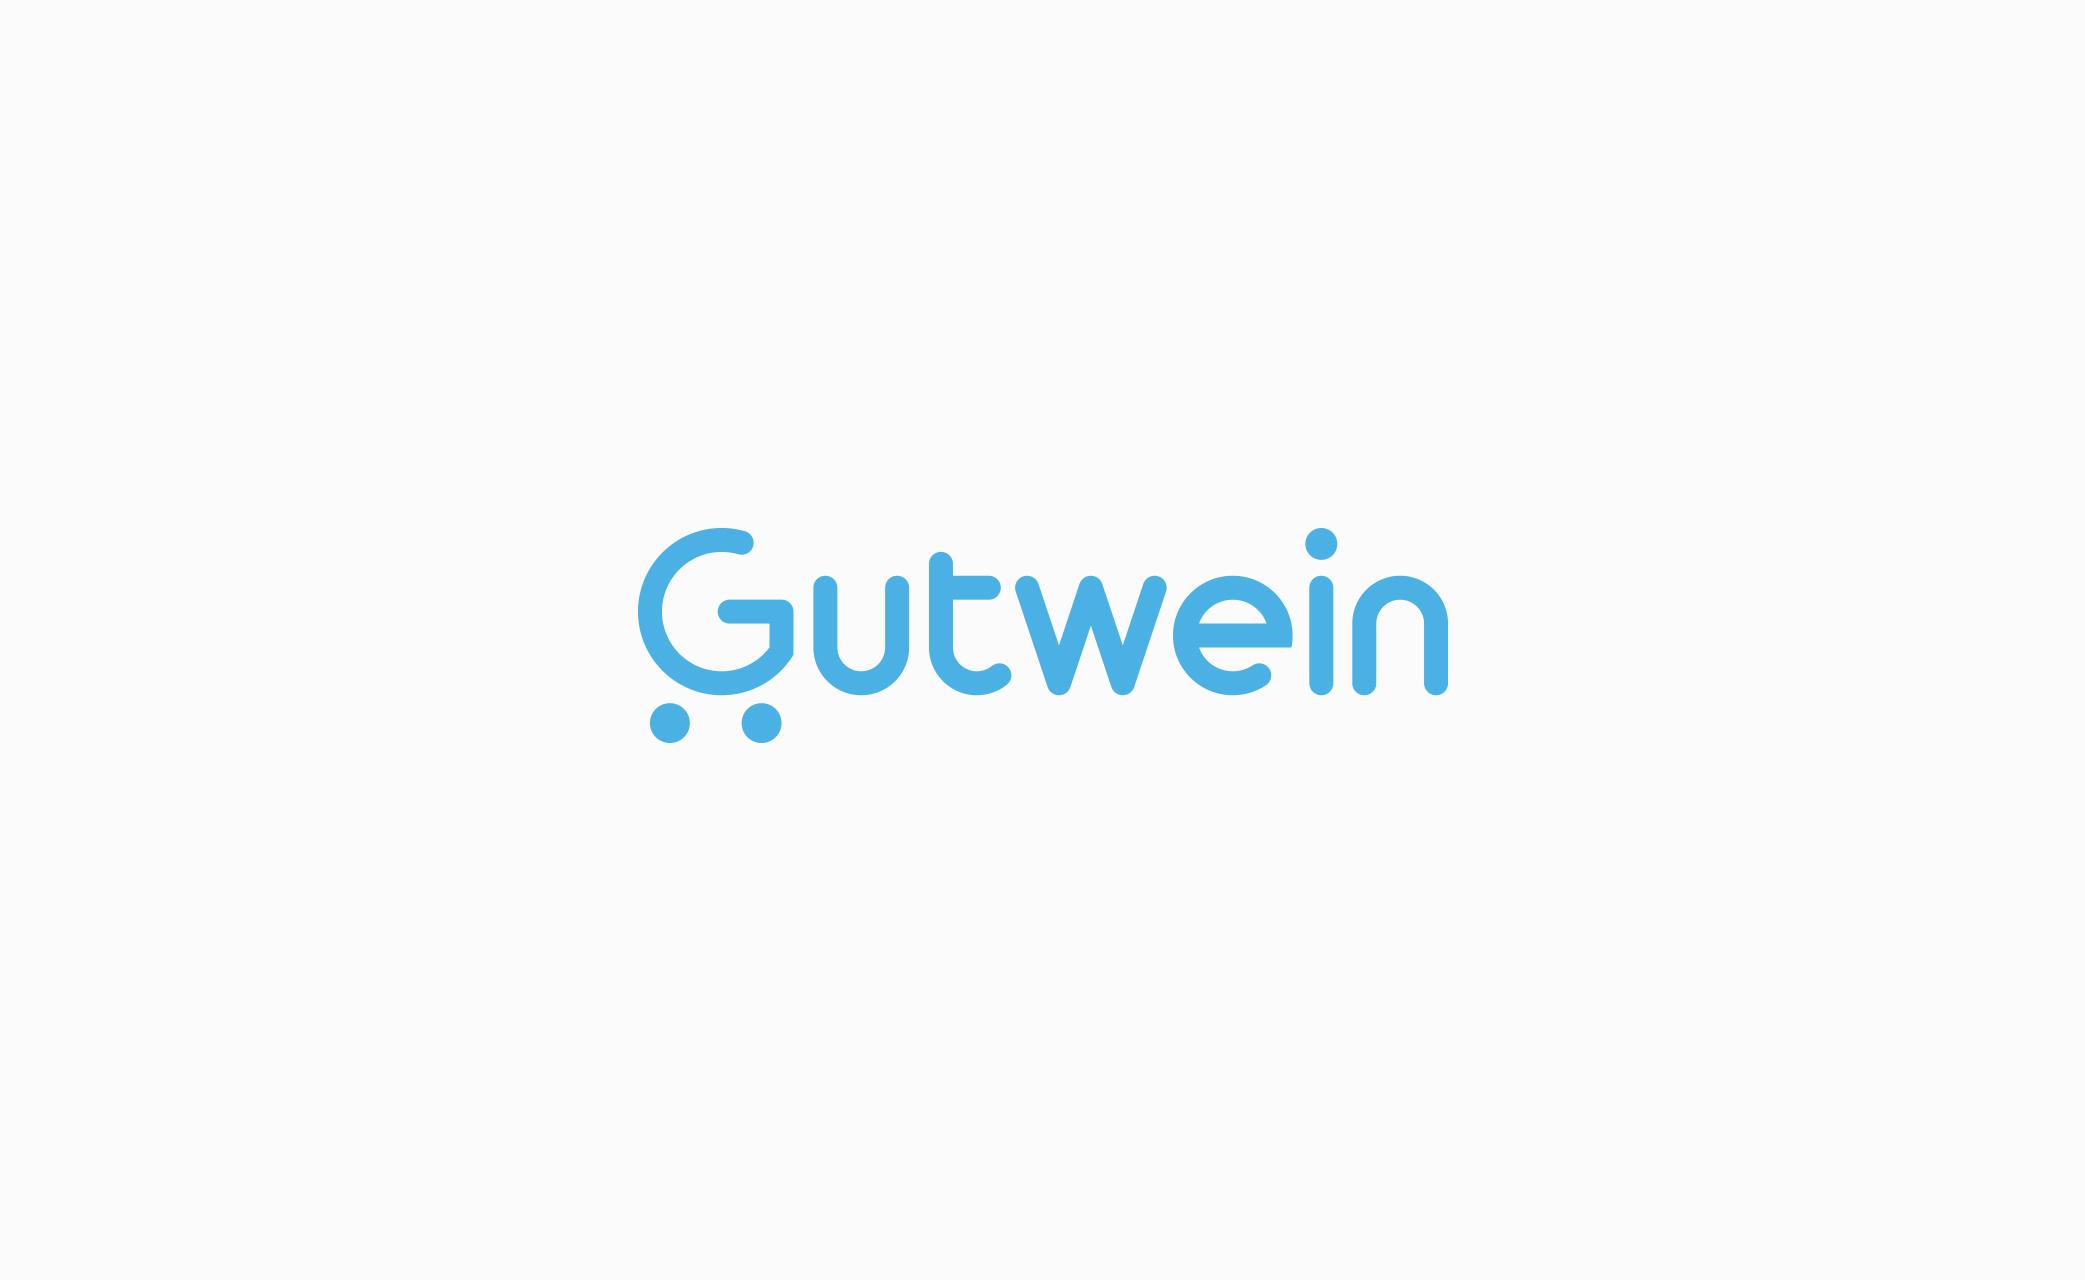 Gutwein Logo